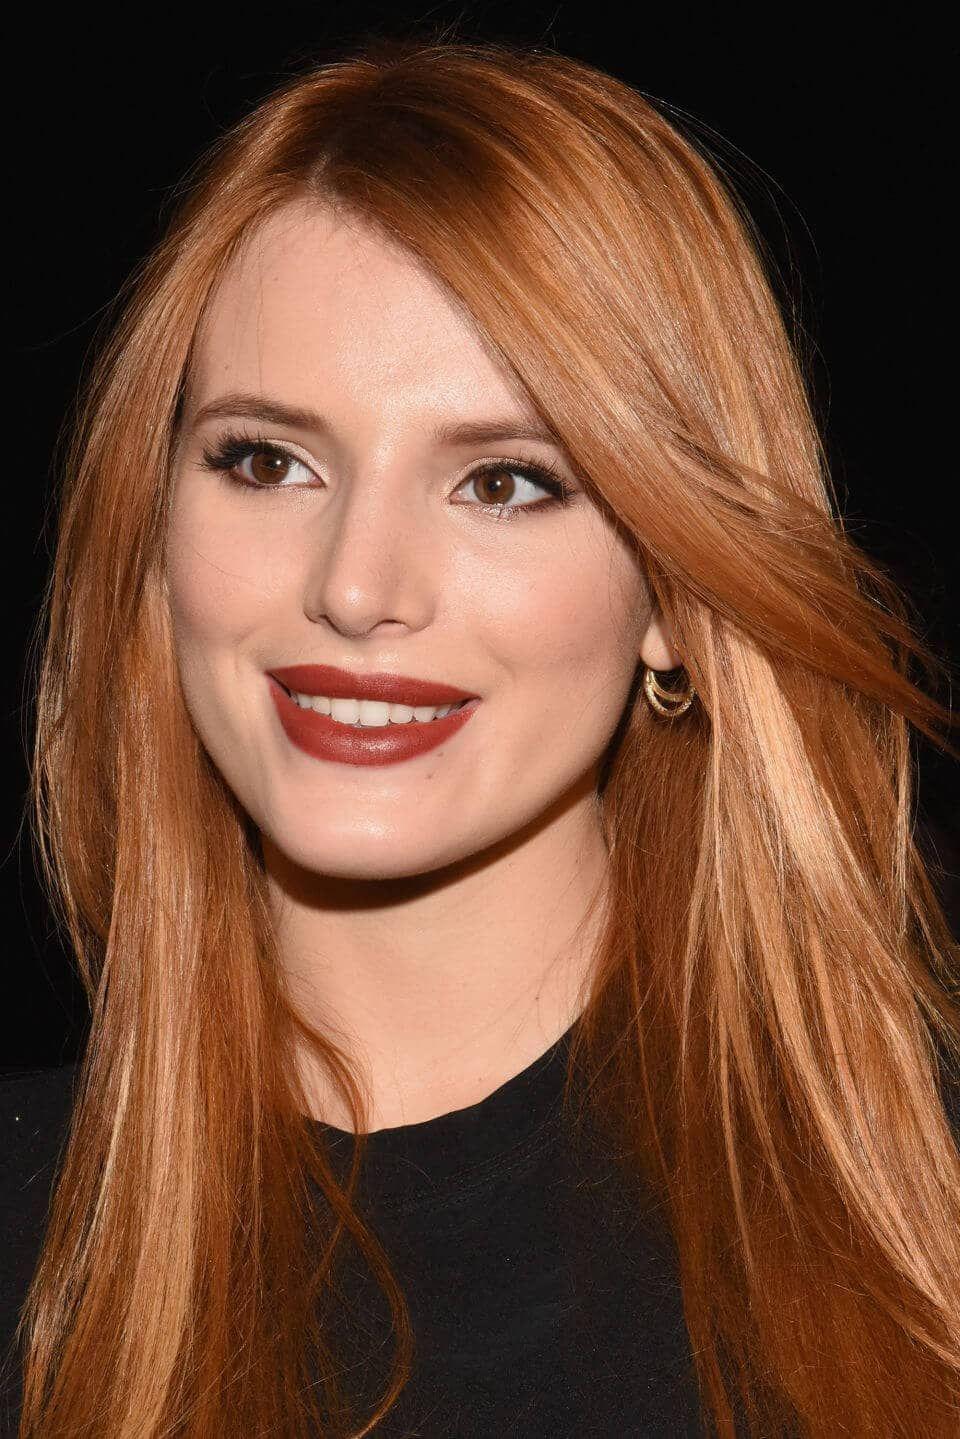 50 der Trendy Strawberry Blonde Haarfarben für dieses Jahr #copperbalayage